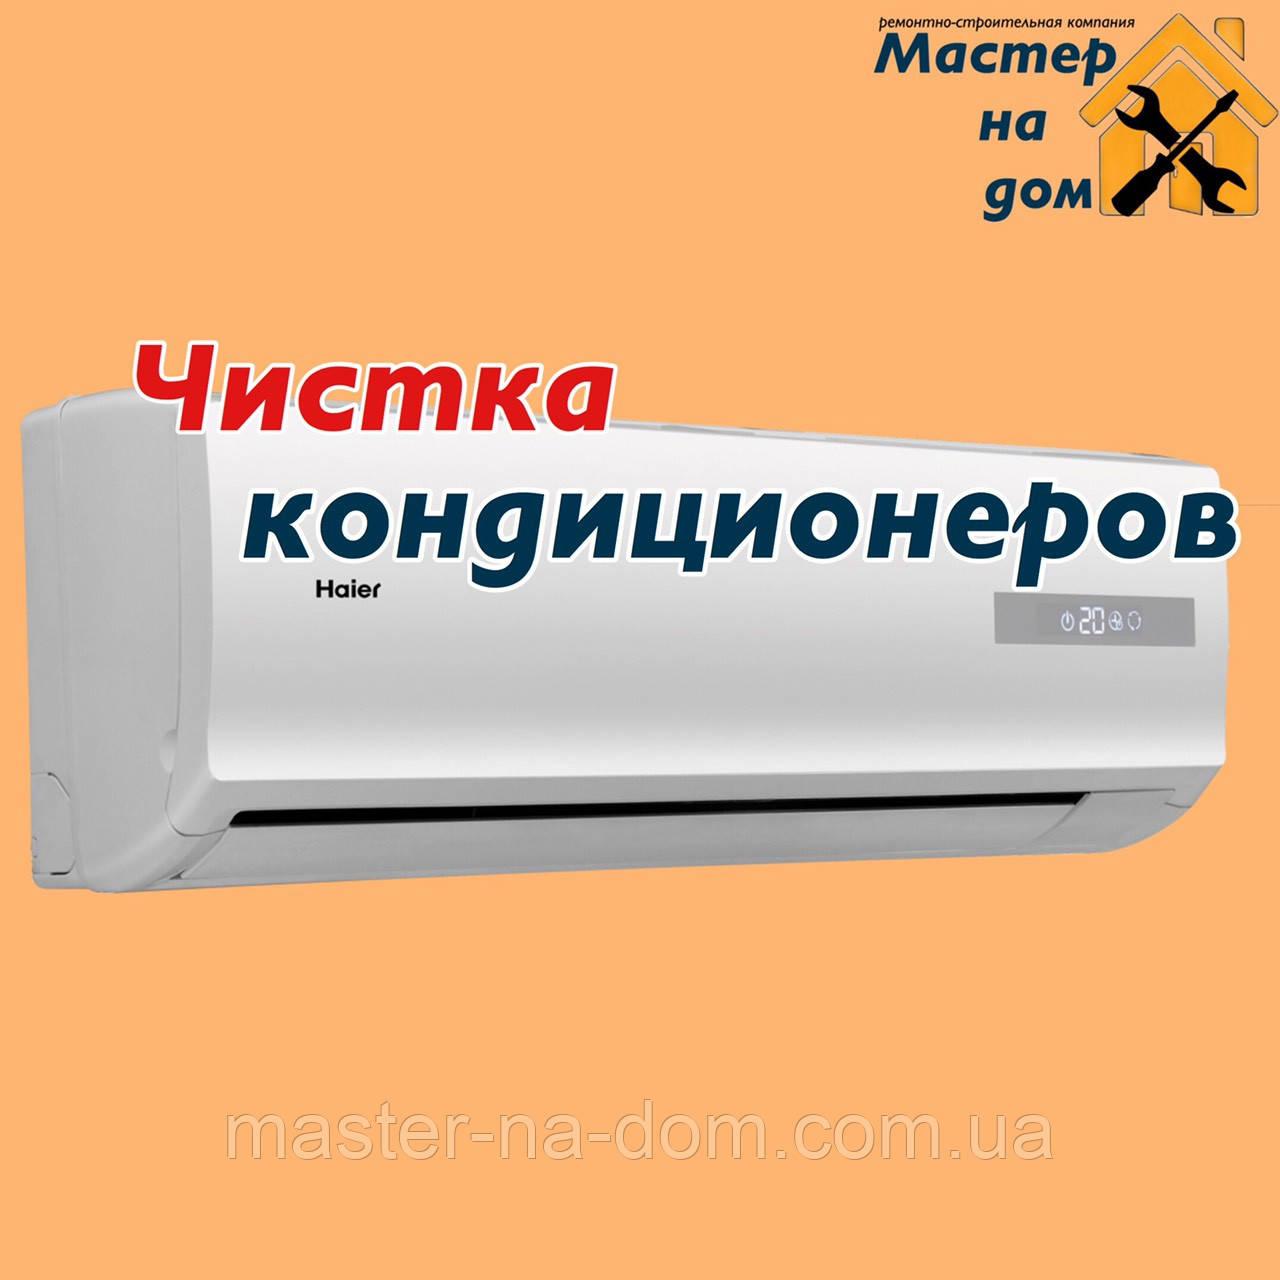 Чистка кондиционеров в Киеве, фото 1